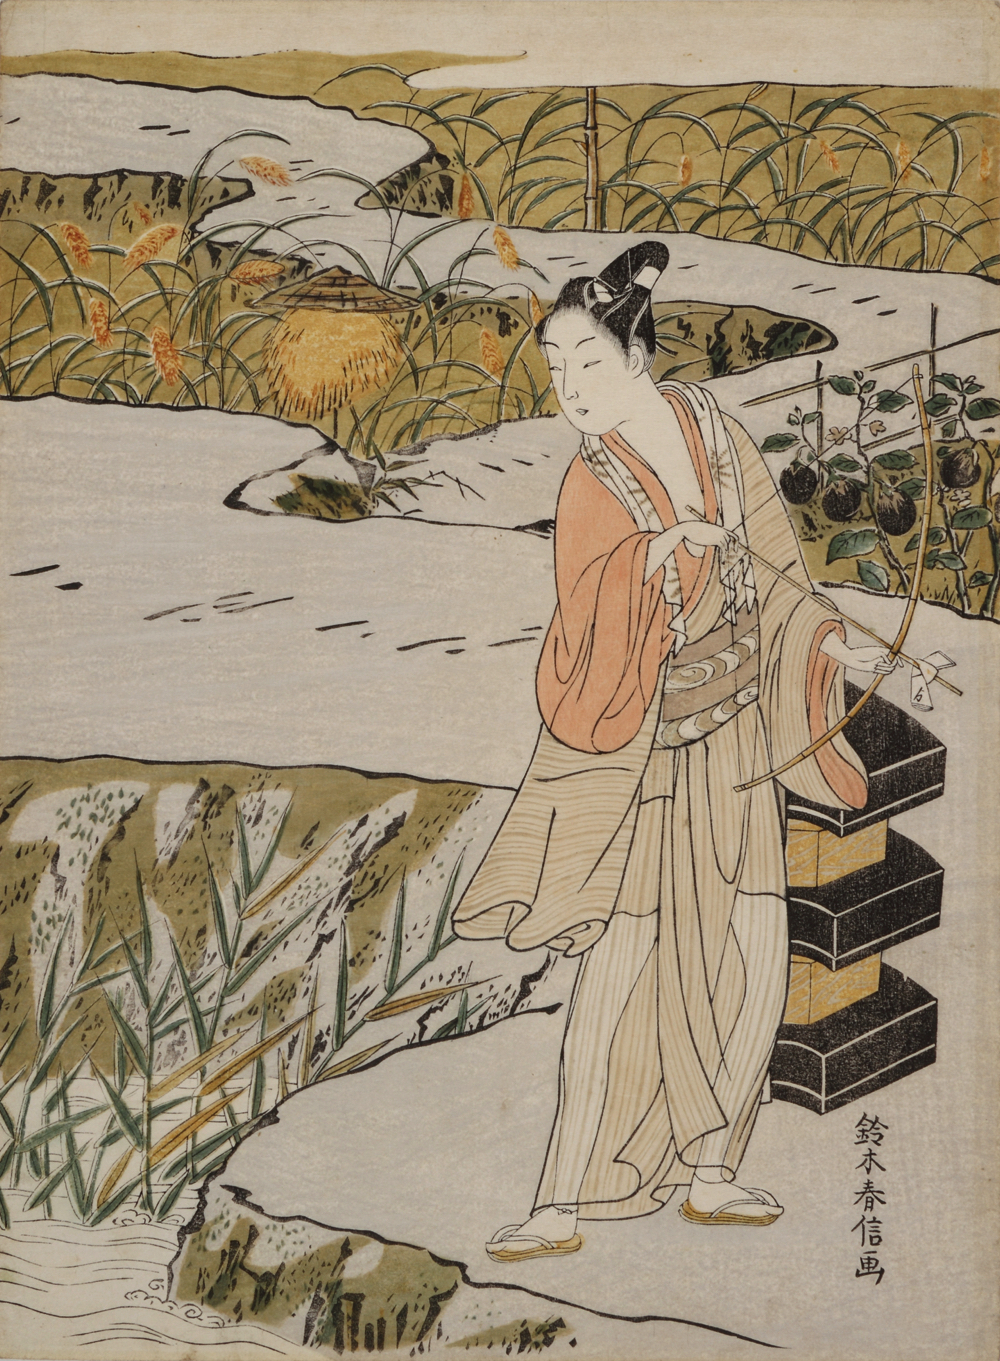 見立那須与一 屋島の合戦 鈴木春信 一枚 江戸時代 明和3~4年(1766~67)頃 個人蔵